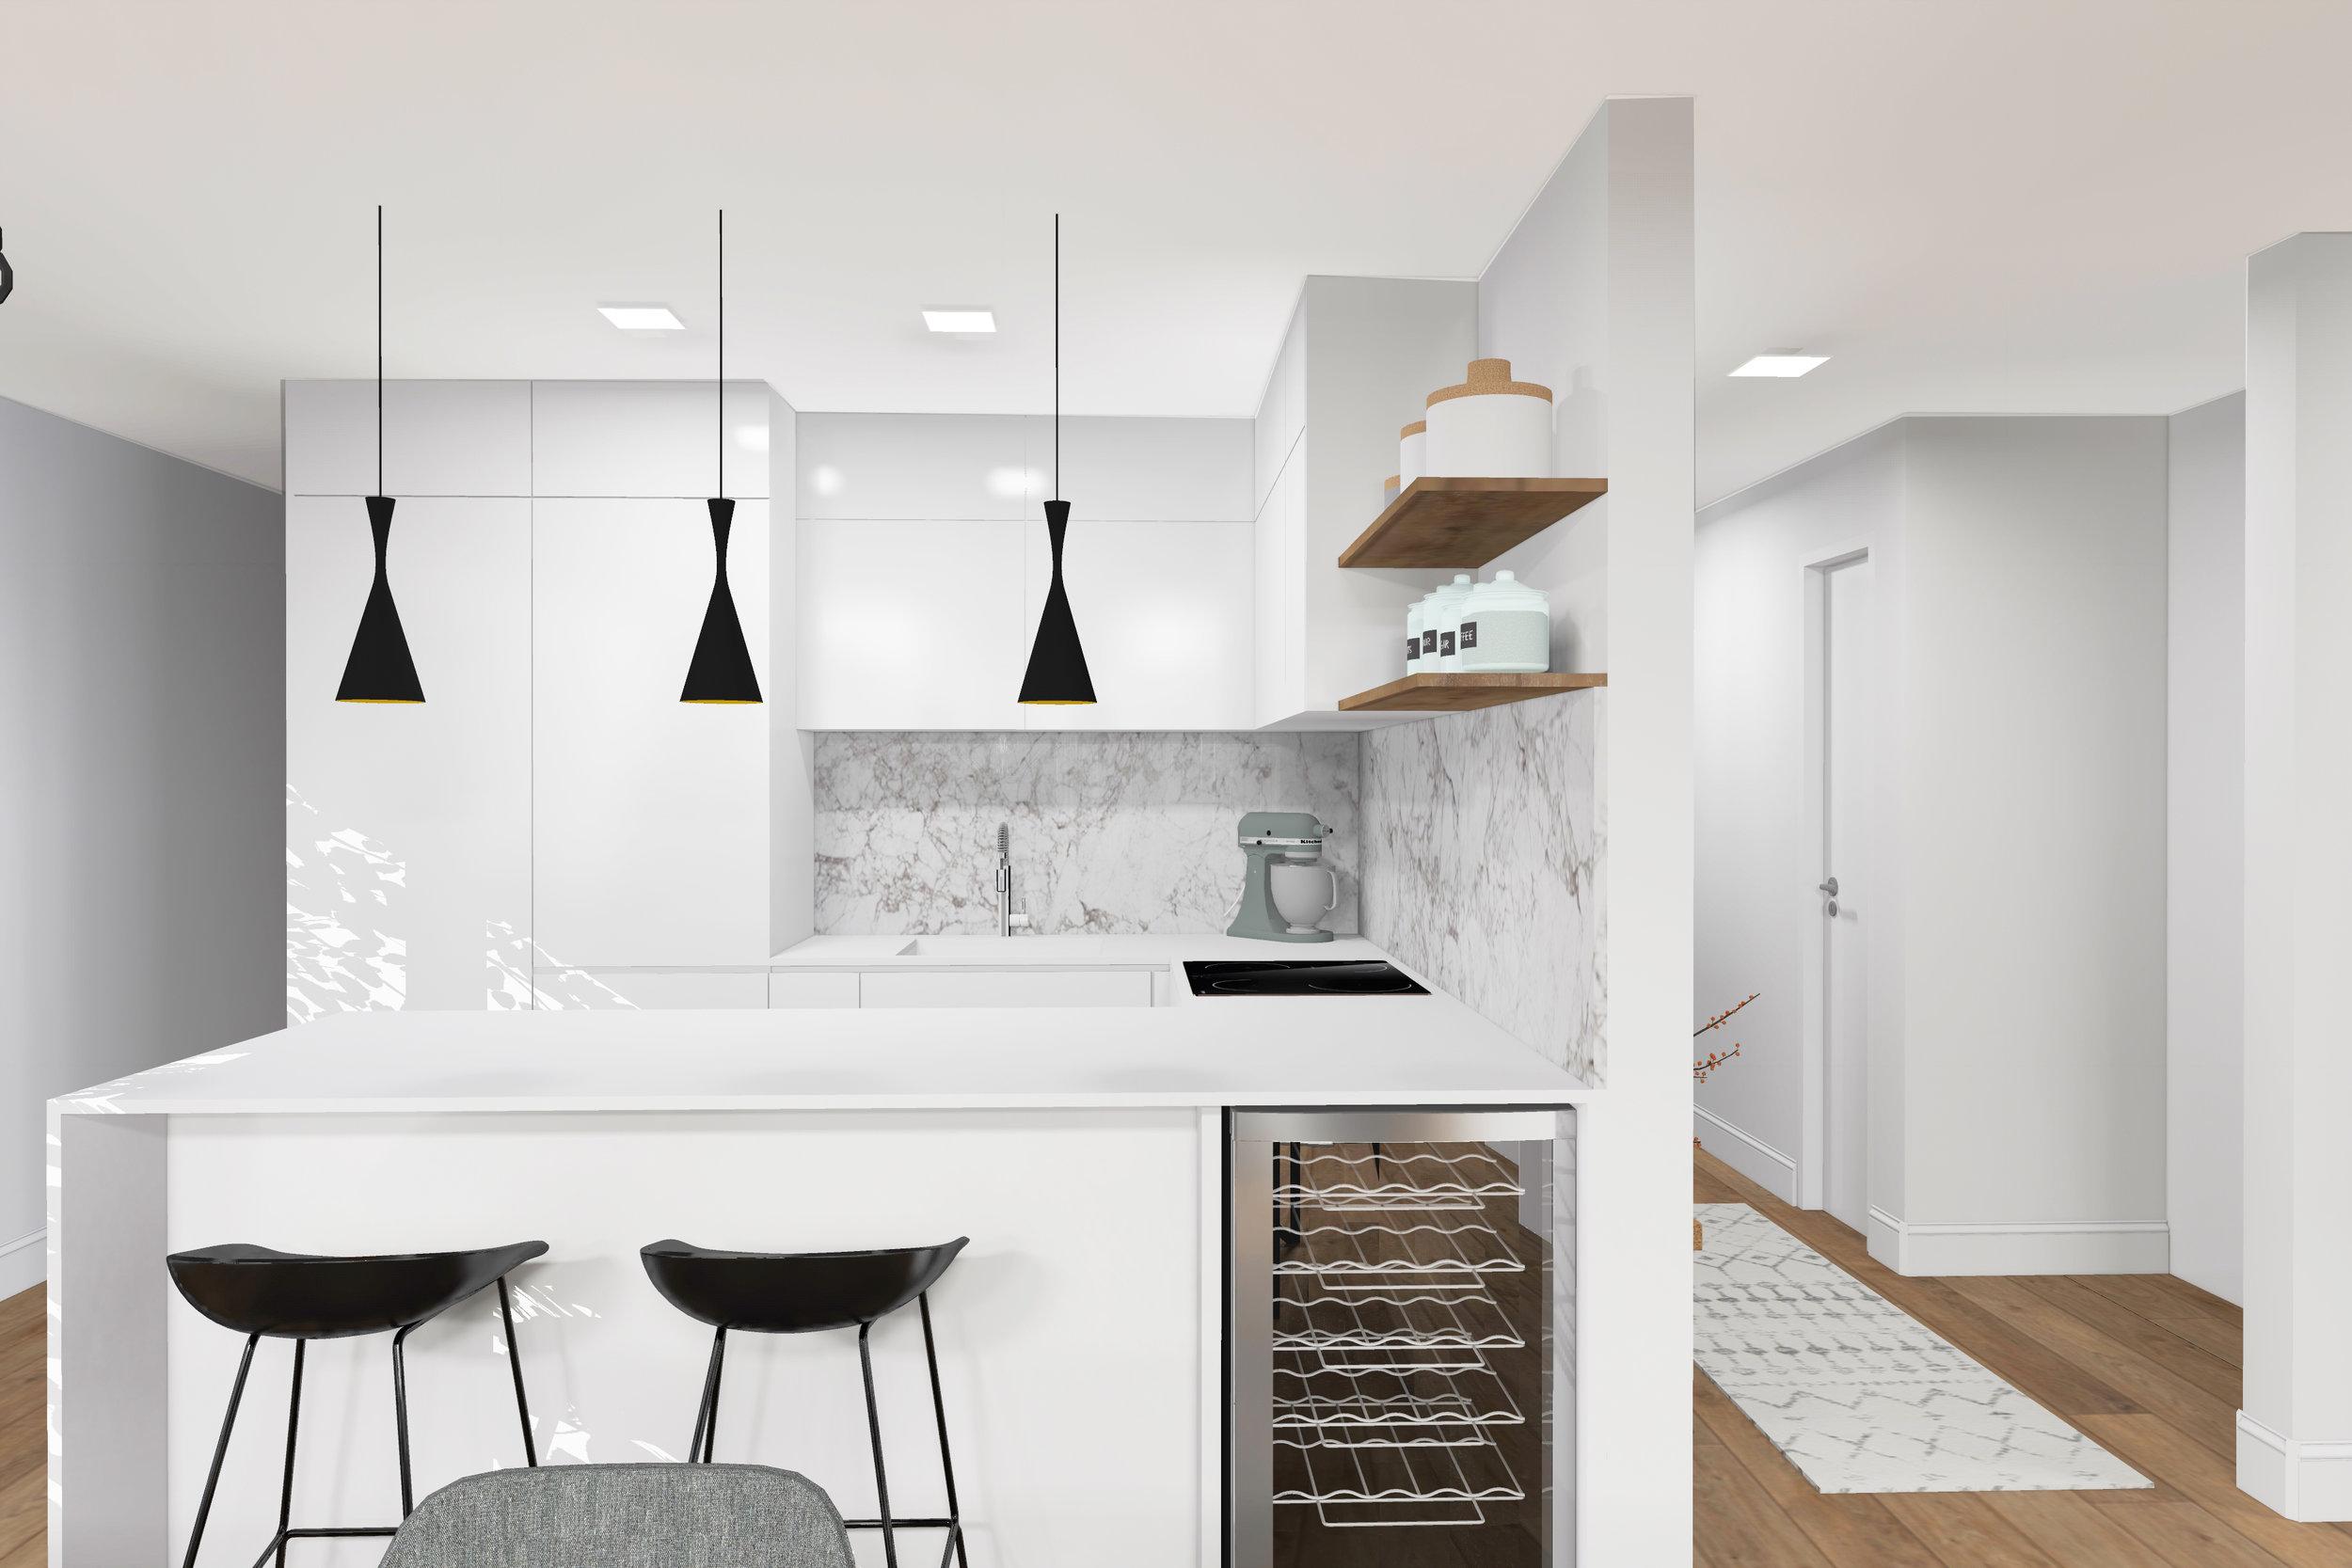 projekt poke studio_hiša pohorje_kuhinja